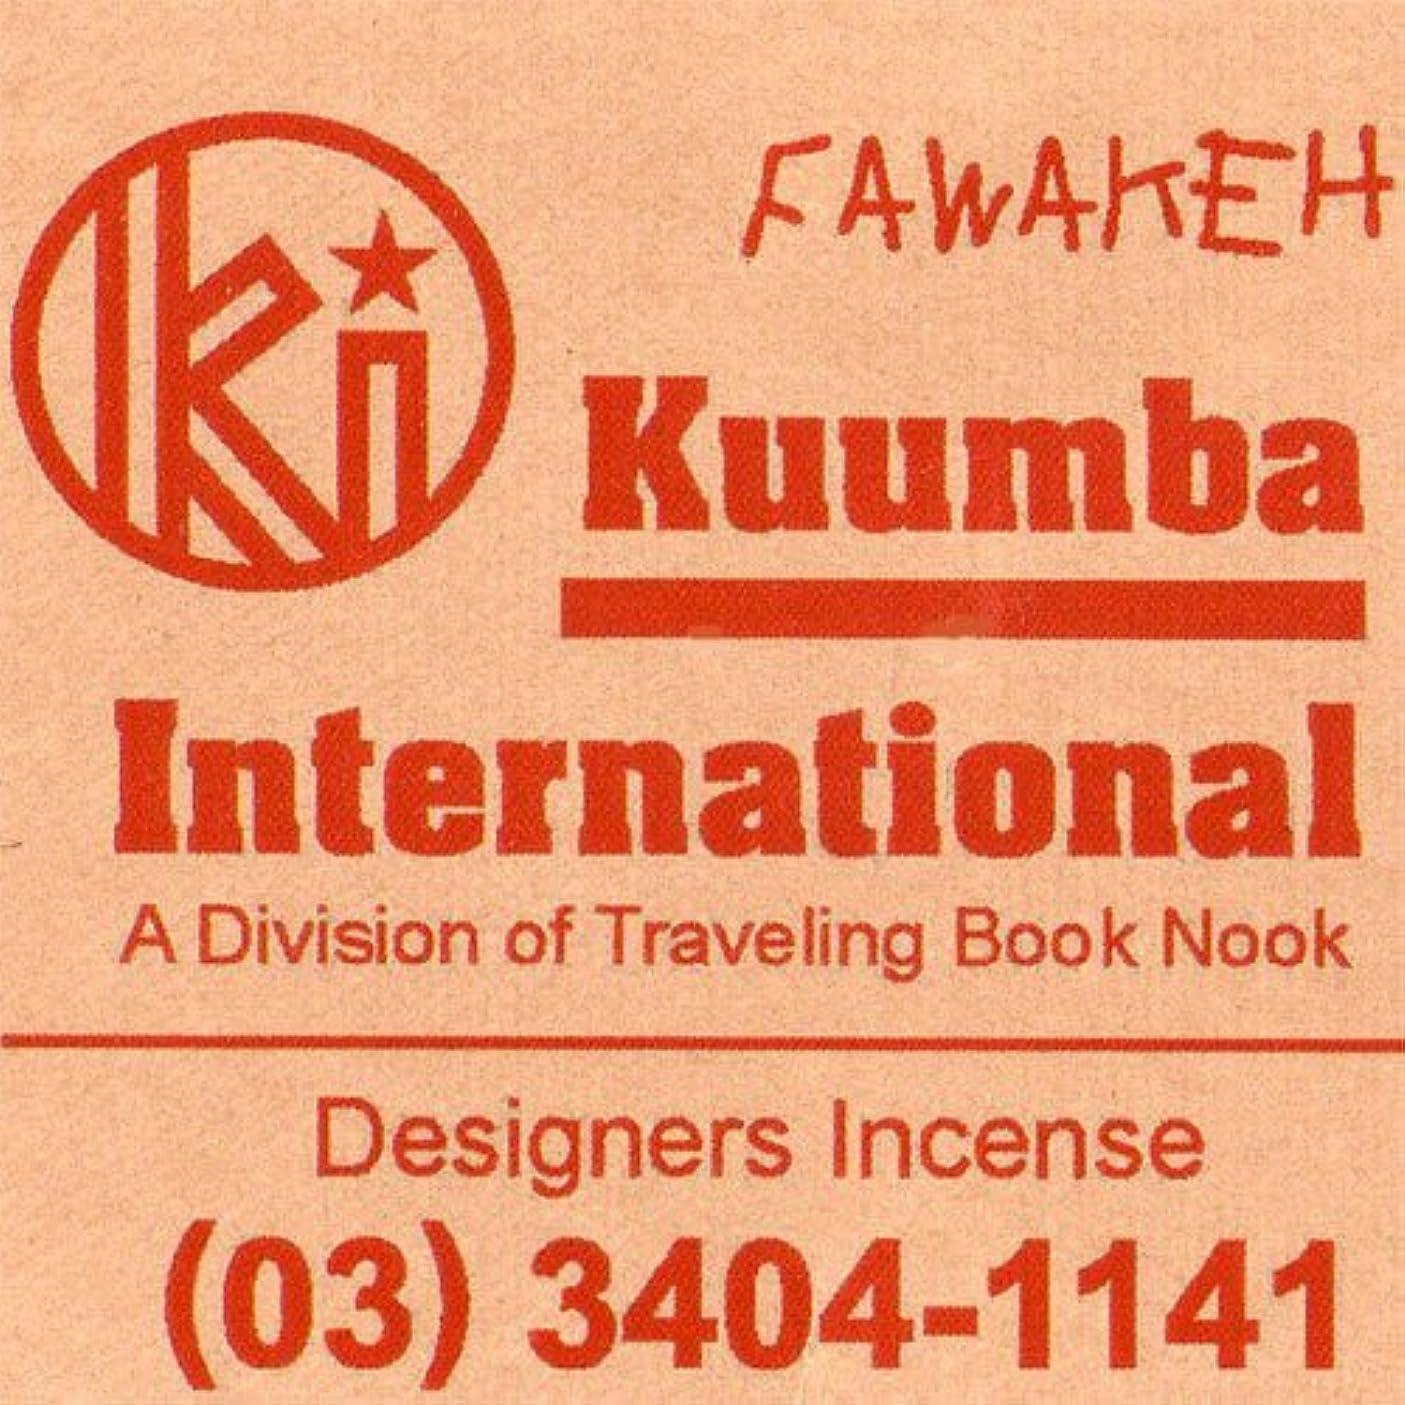 故障中動機付ける節約KUUMBA / クンバ『incense』(FAWAKEH) (Regular size)